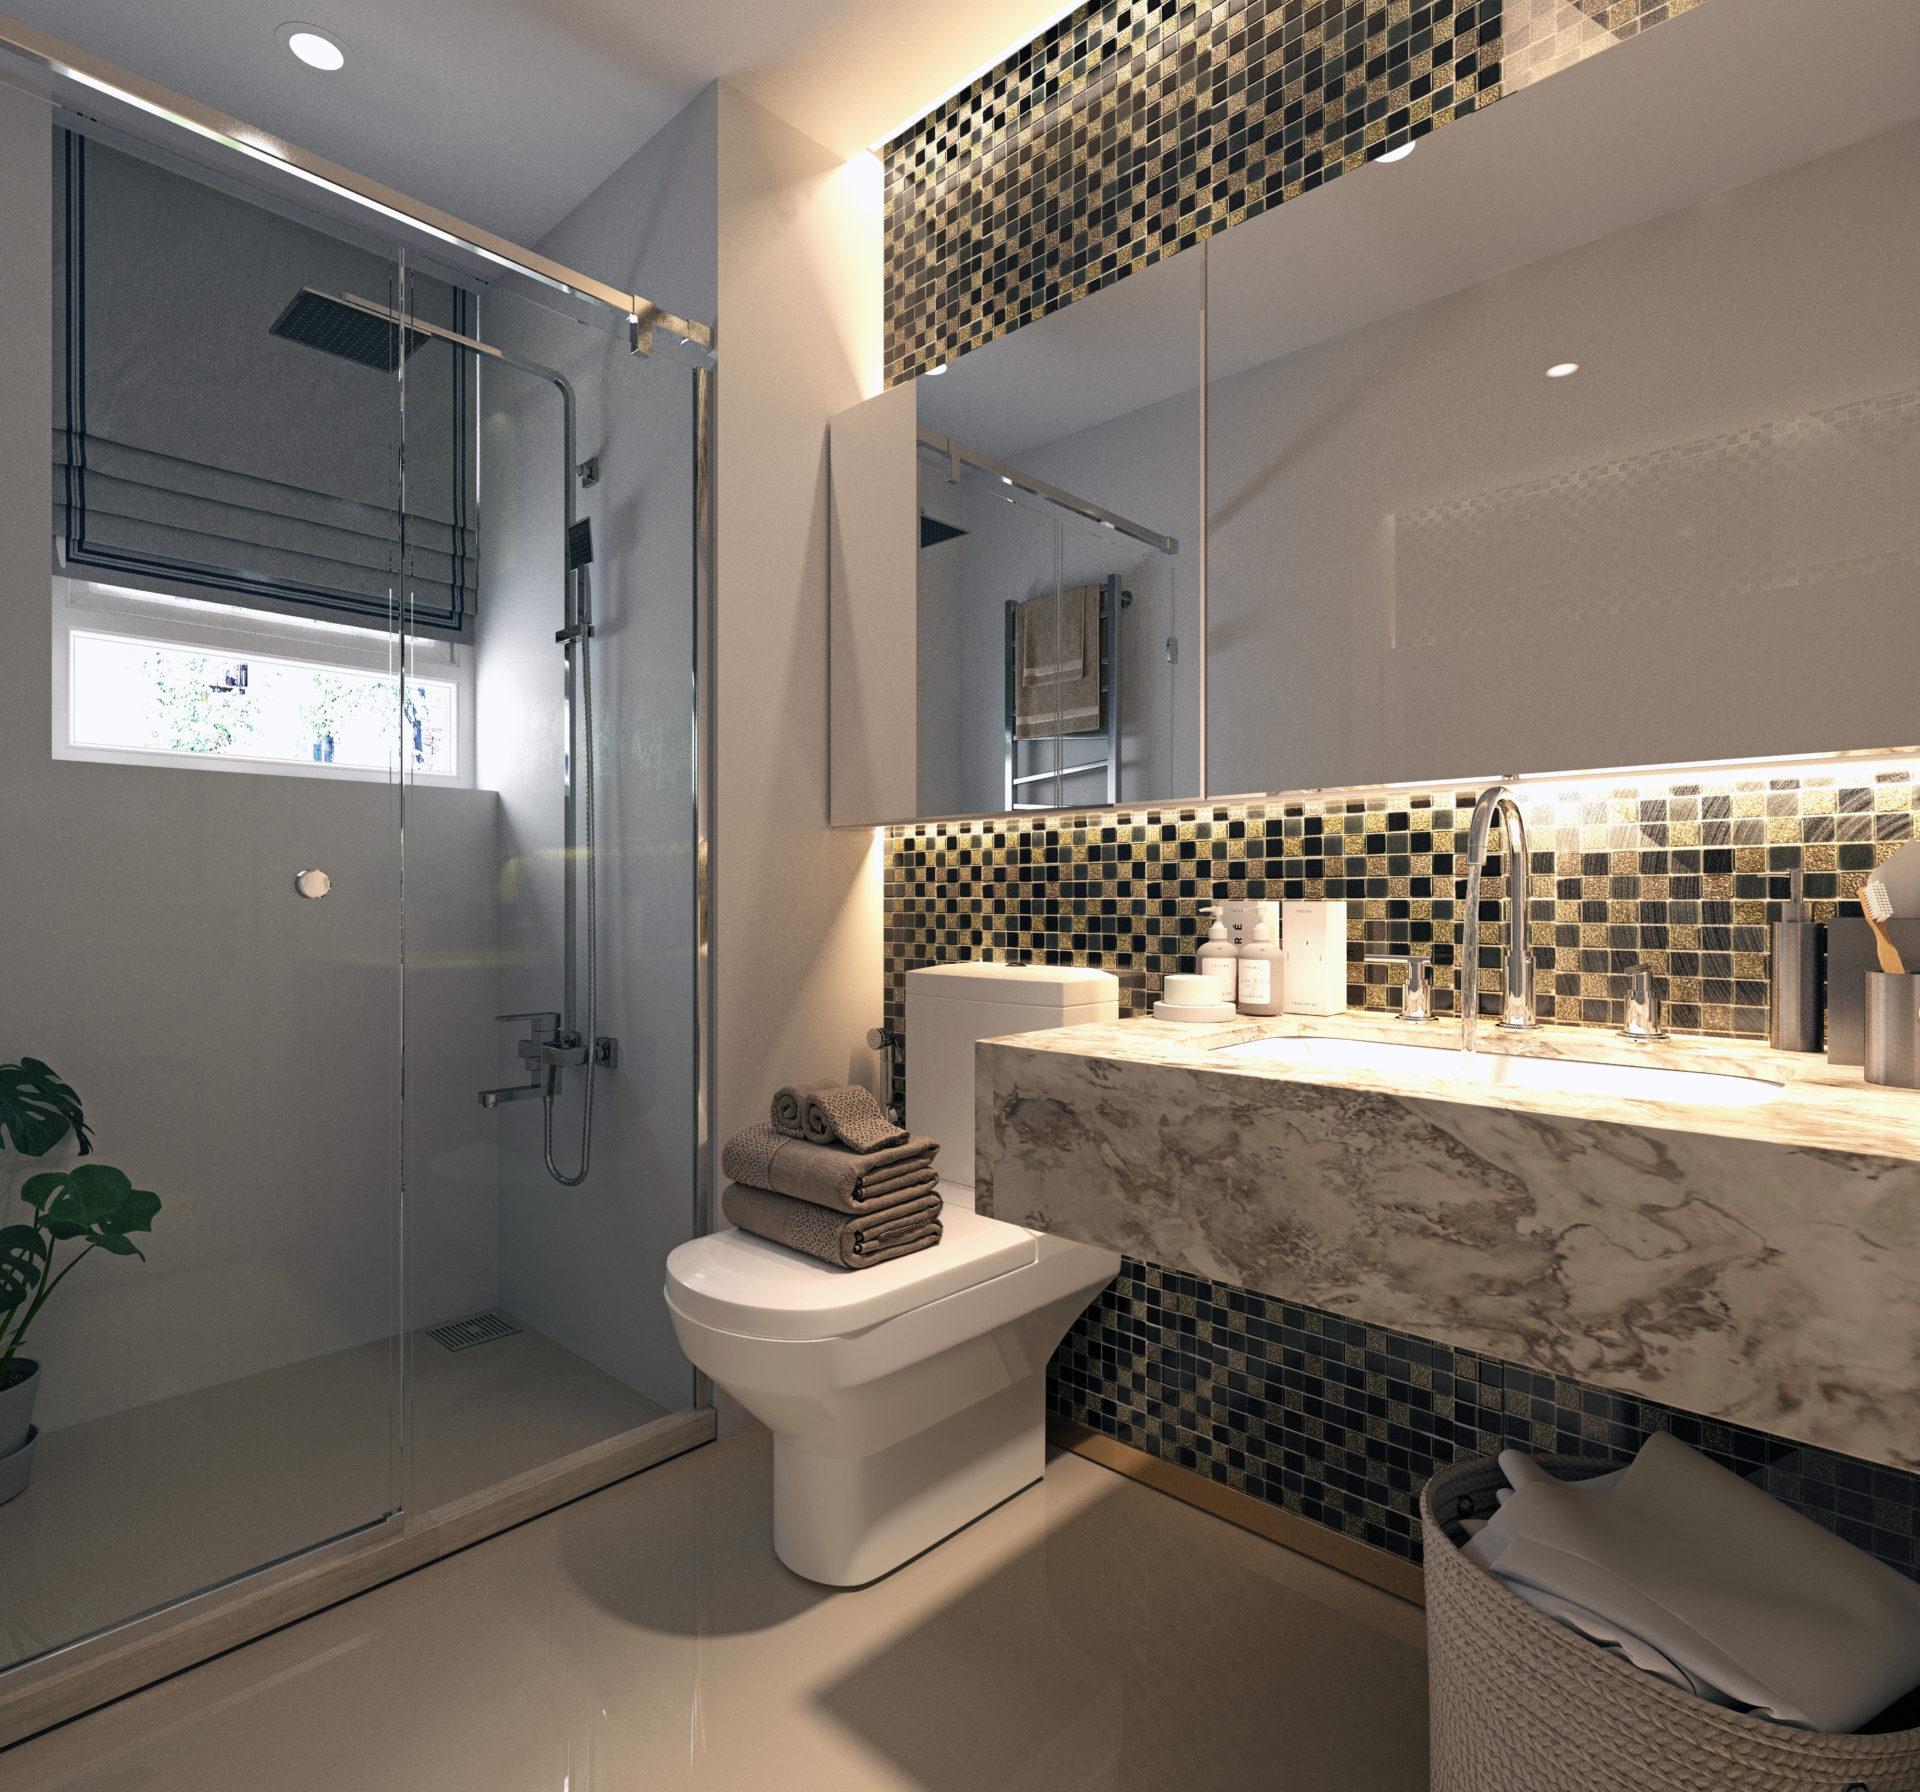 3D Render of Luxury Bathroom